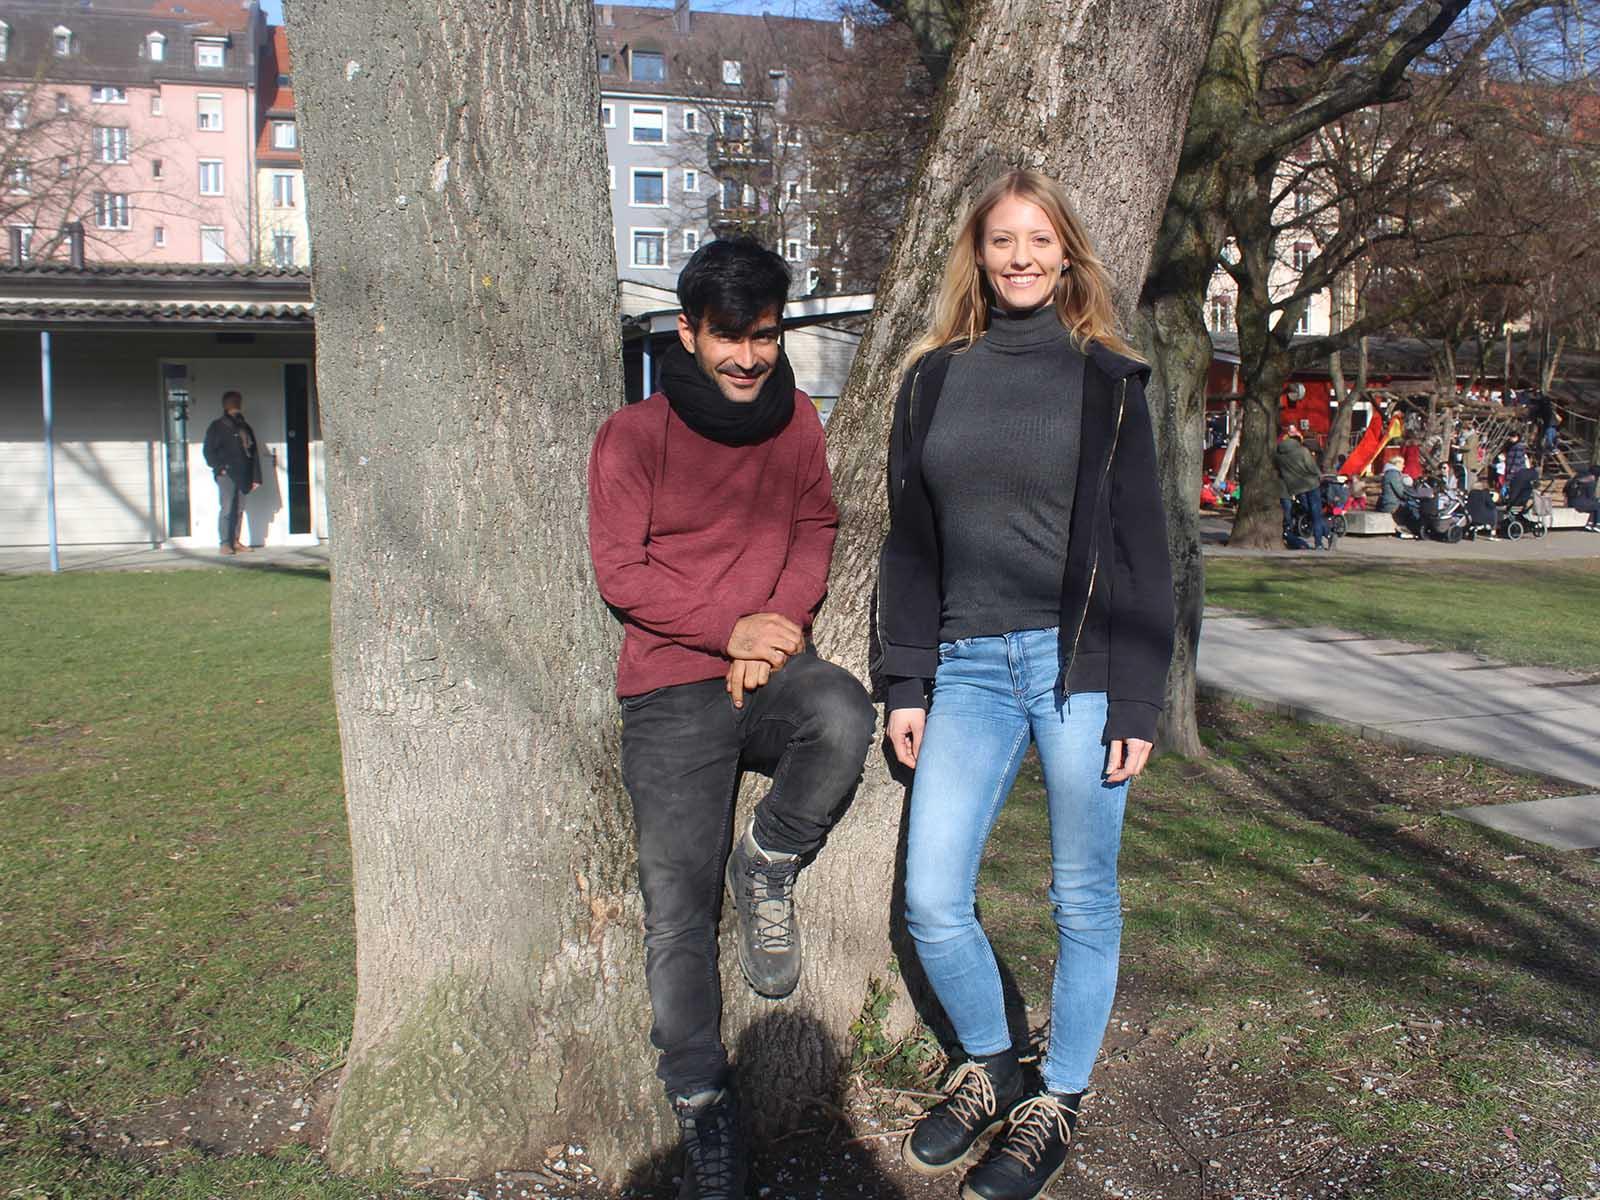 Jafar Rezai und Prisca Ammann investieren viel Zeit und Energie für die Freiwilligenarbeit - und es lohnt sich.